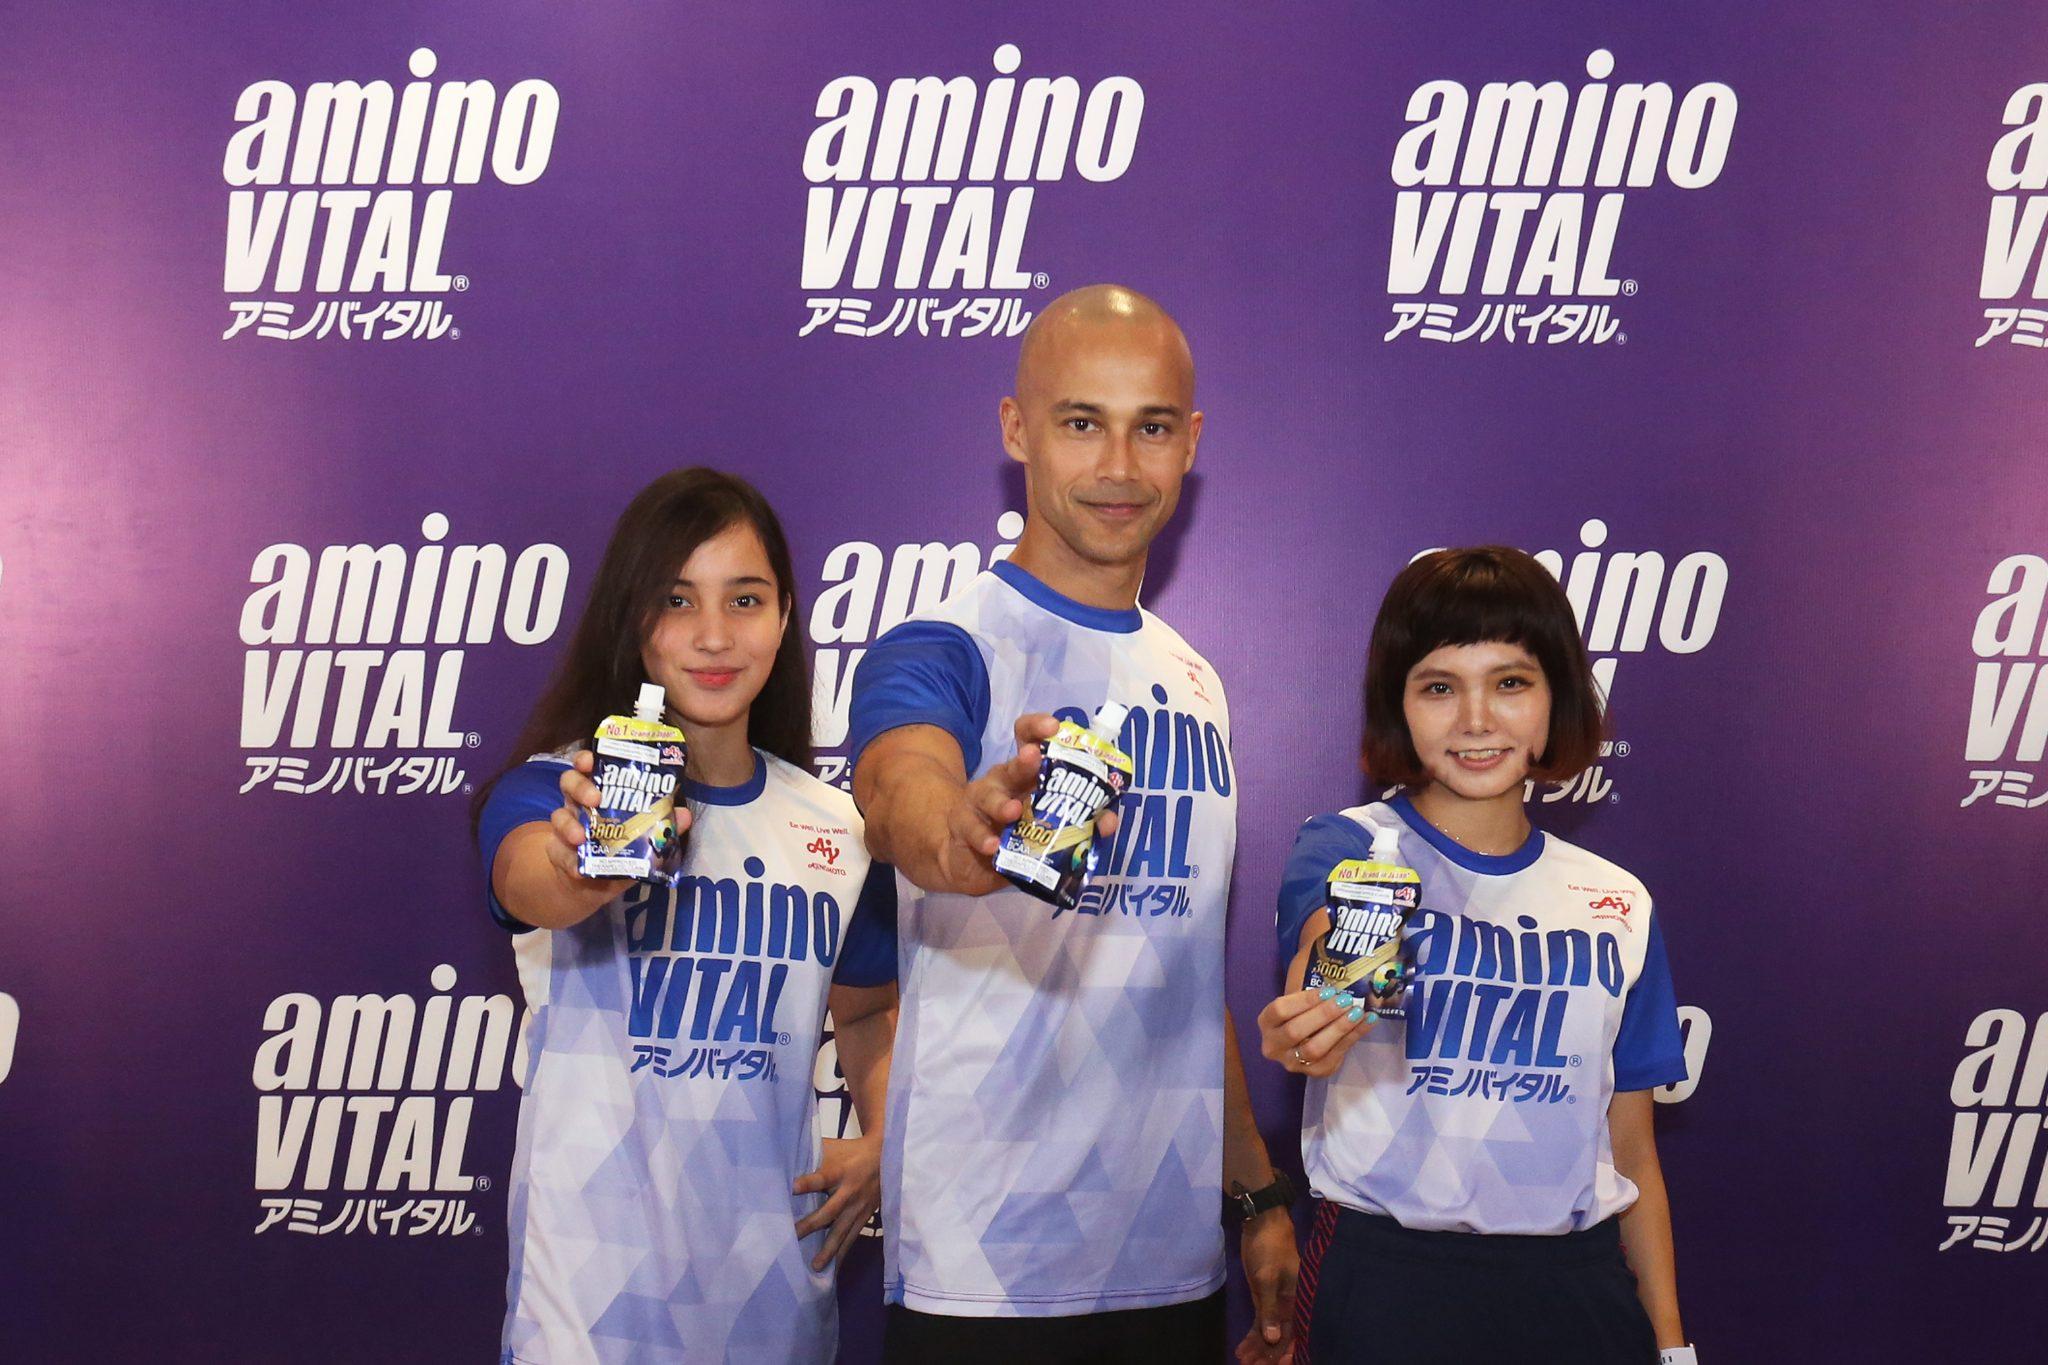 aminoVITAL PH Brand Ambassador